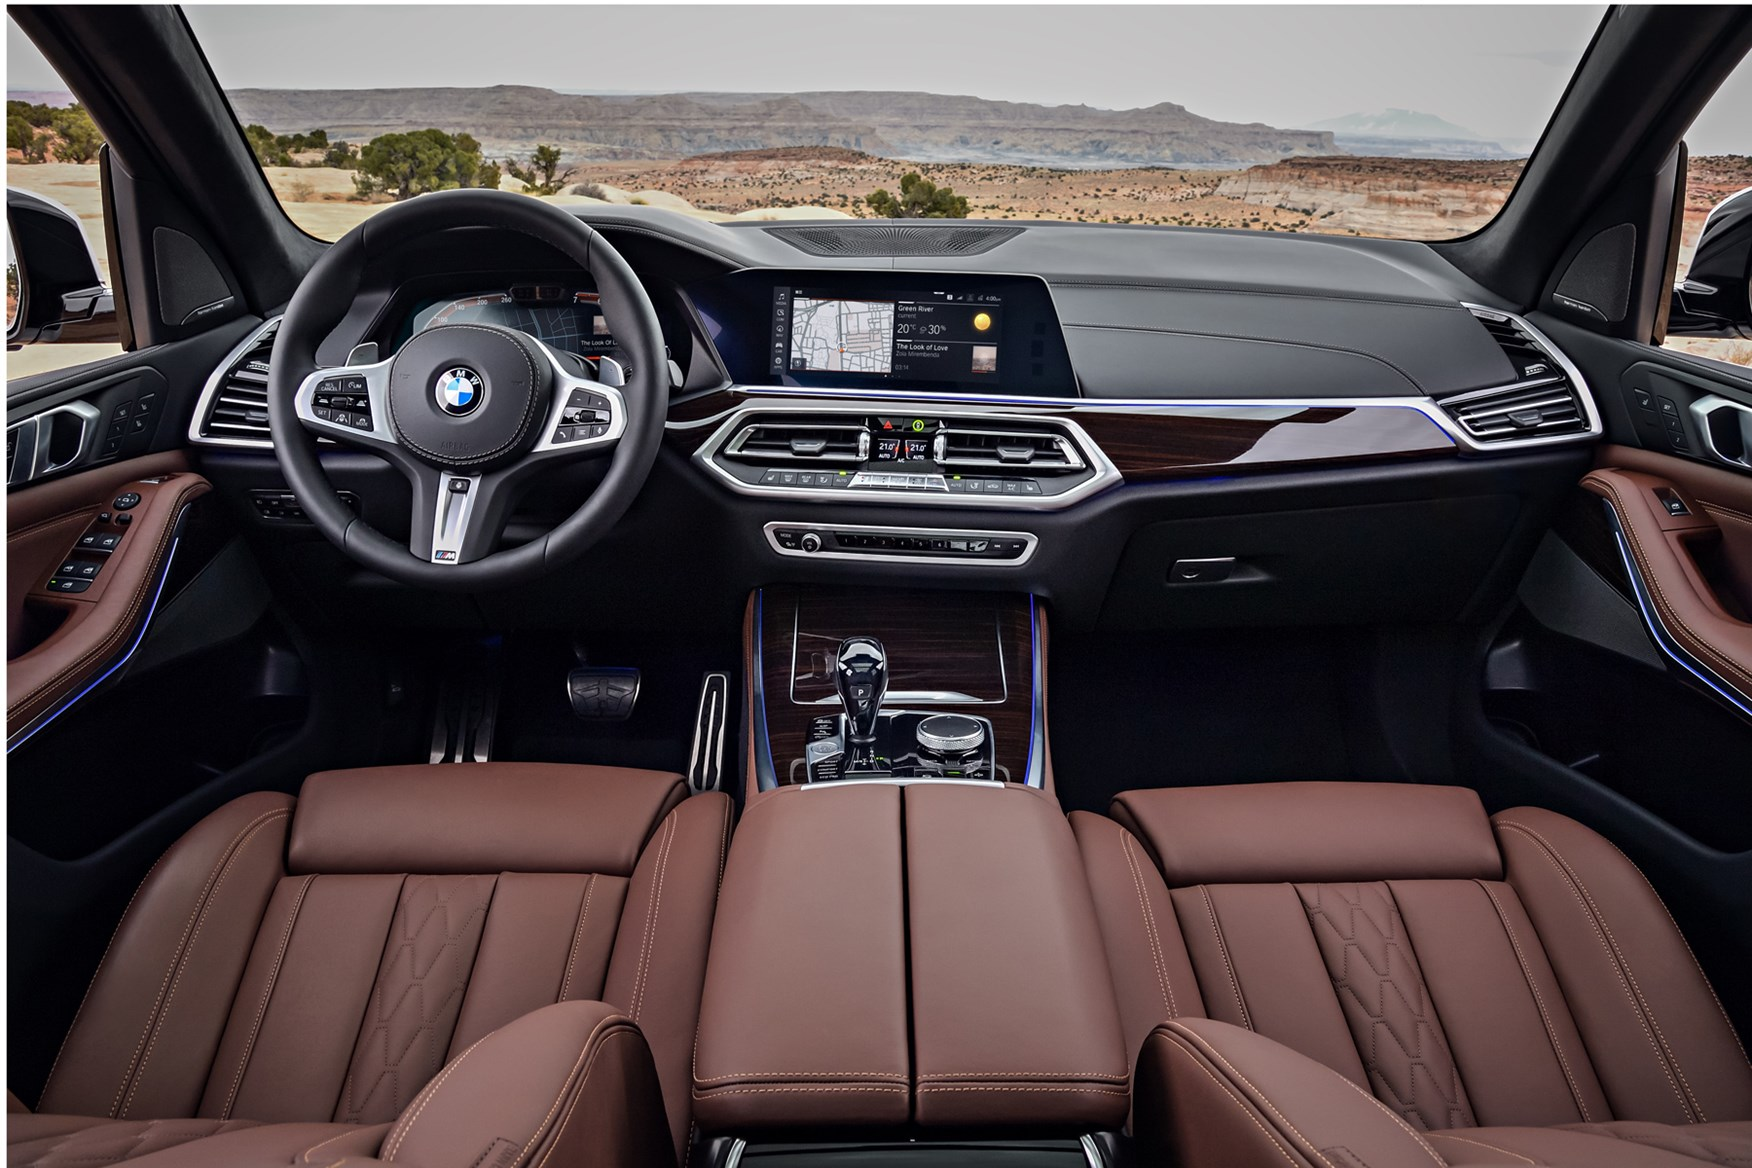 BMW X5 2018 interior shot